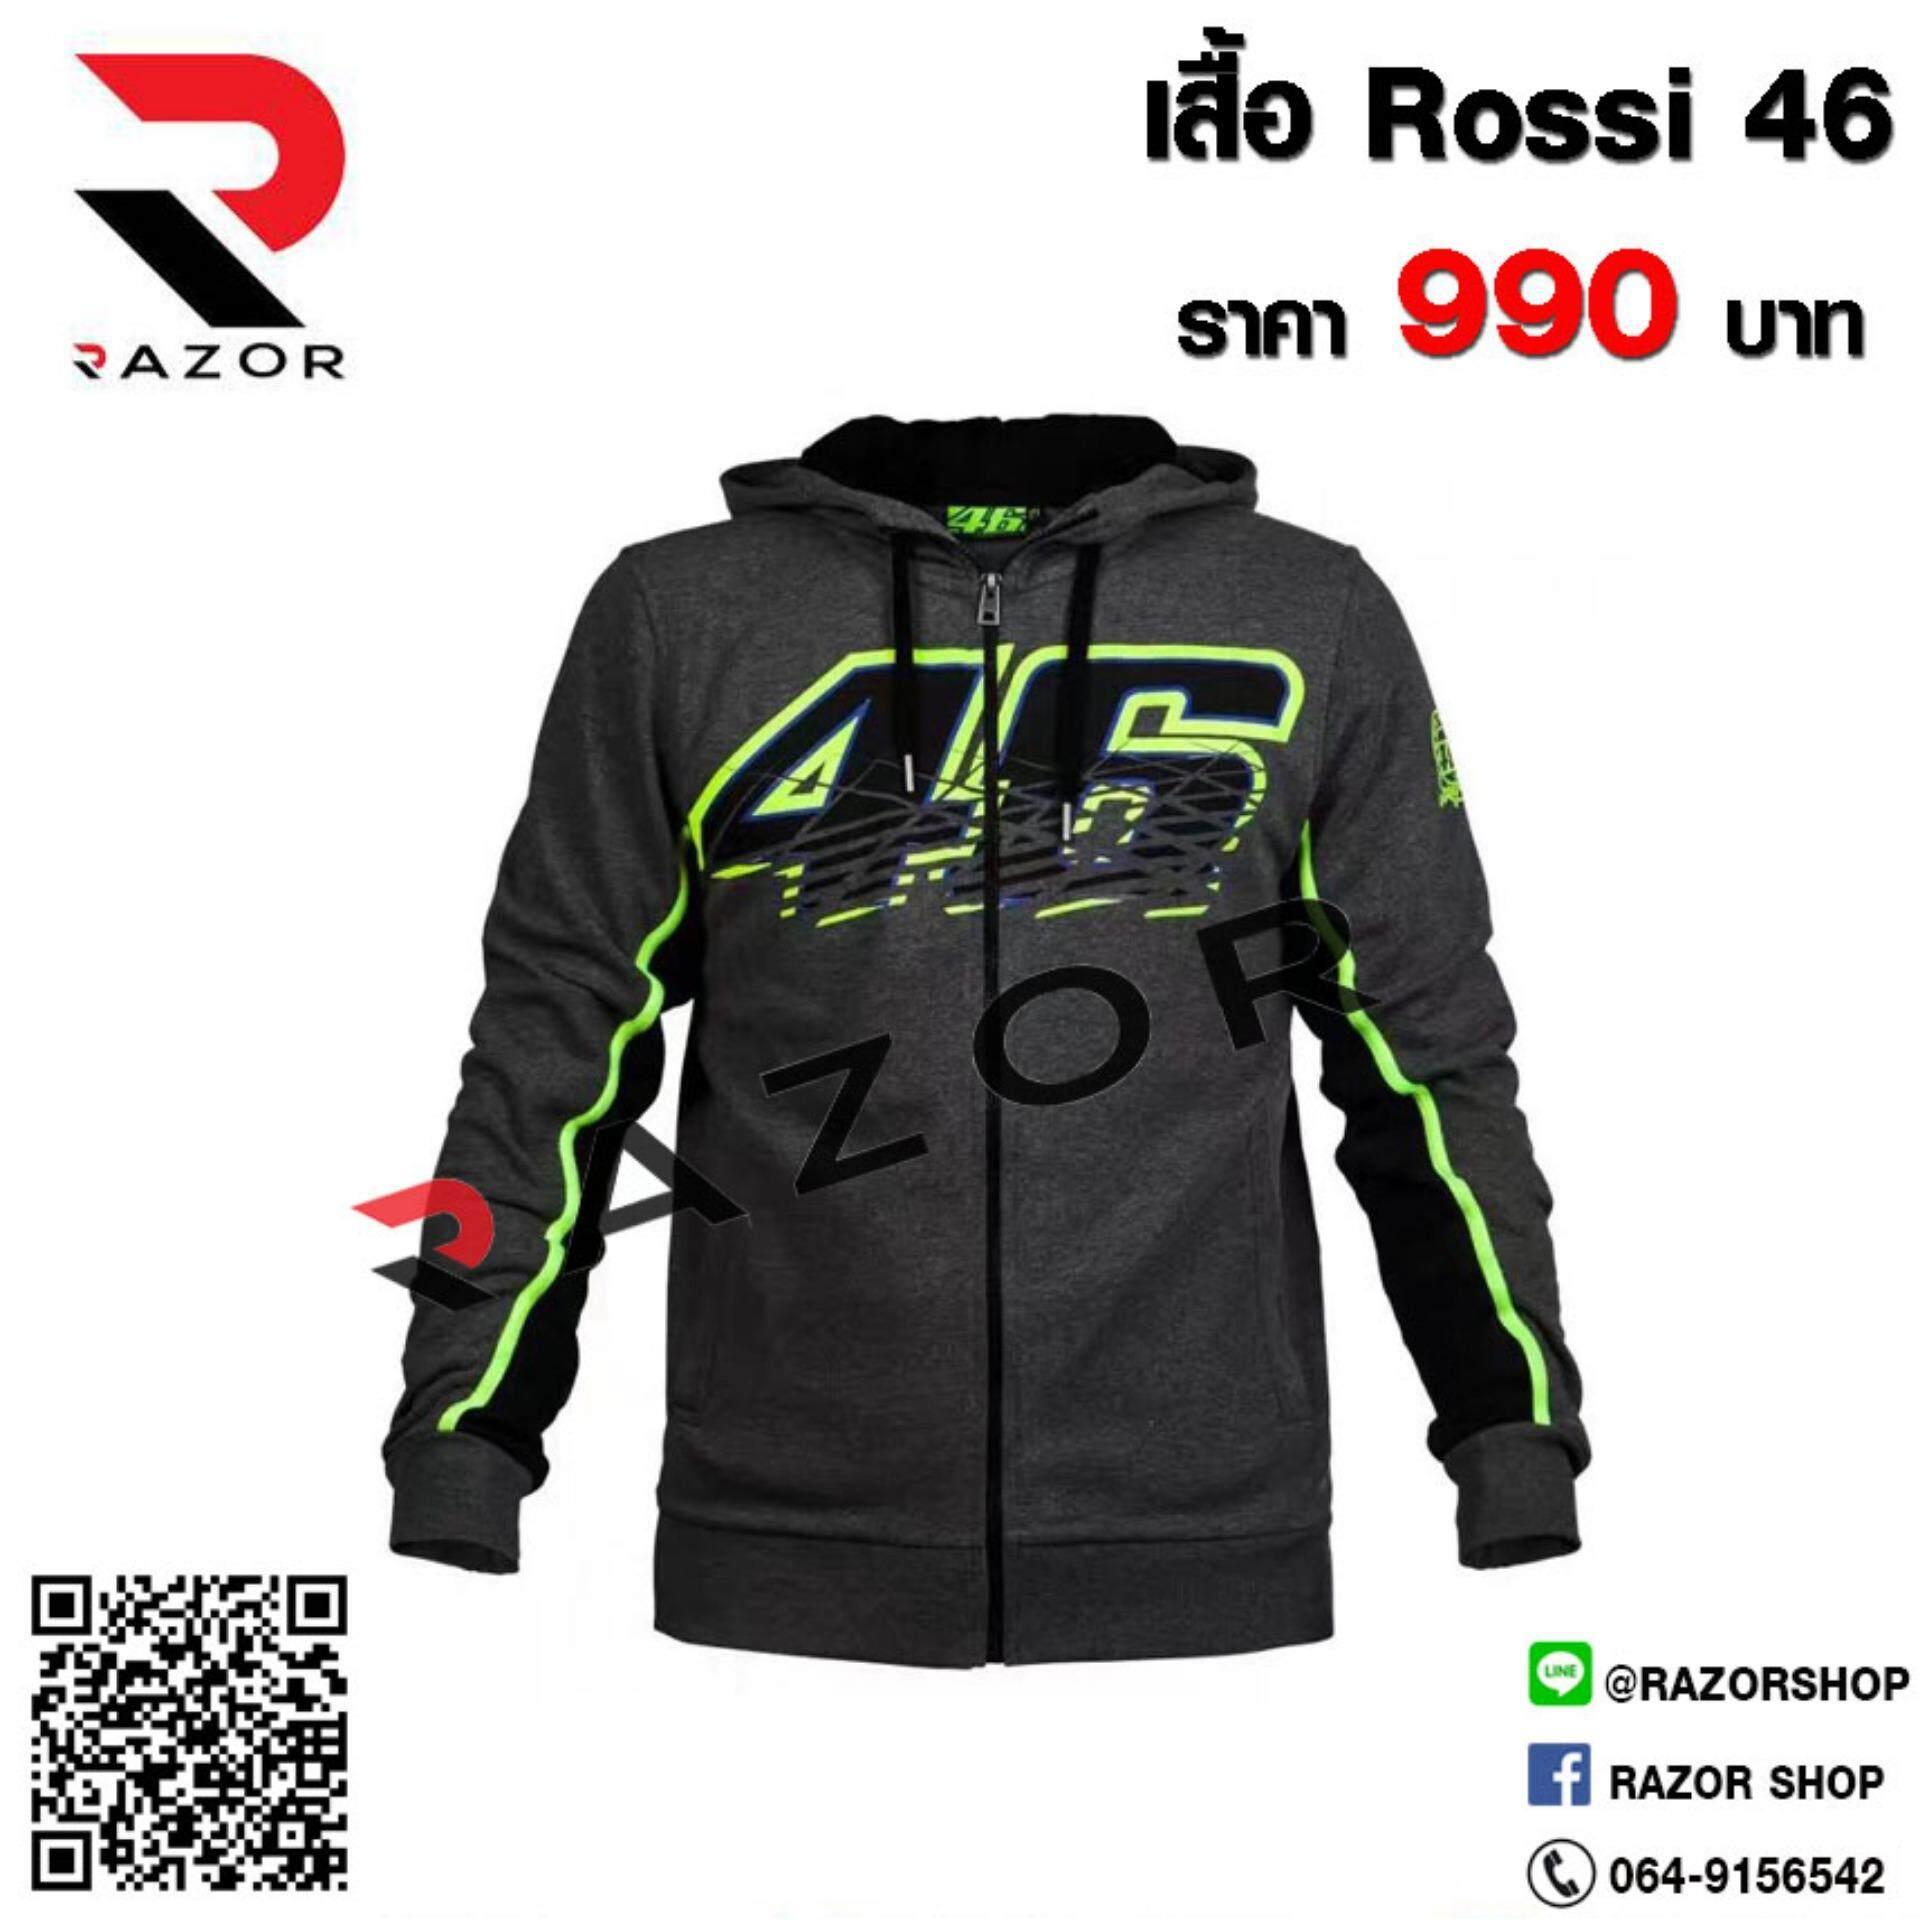 เสื้อแจ็คเก็ตรถจักรยานยนต์ซิปมีฮู้ดแจ็คเก็ต Rossi 46.